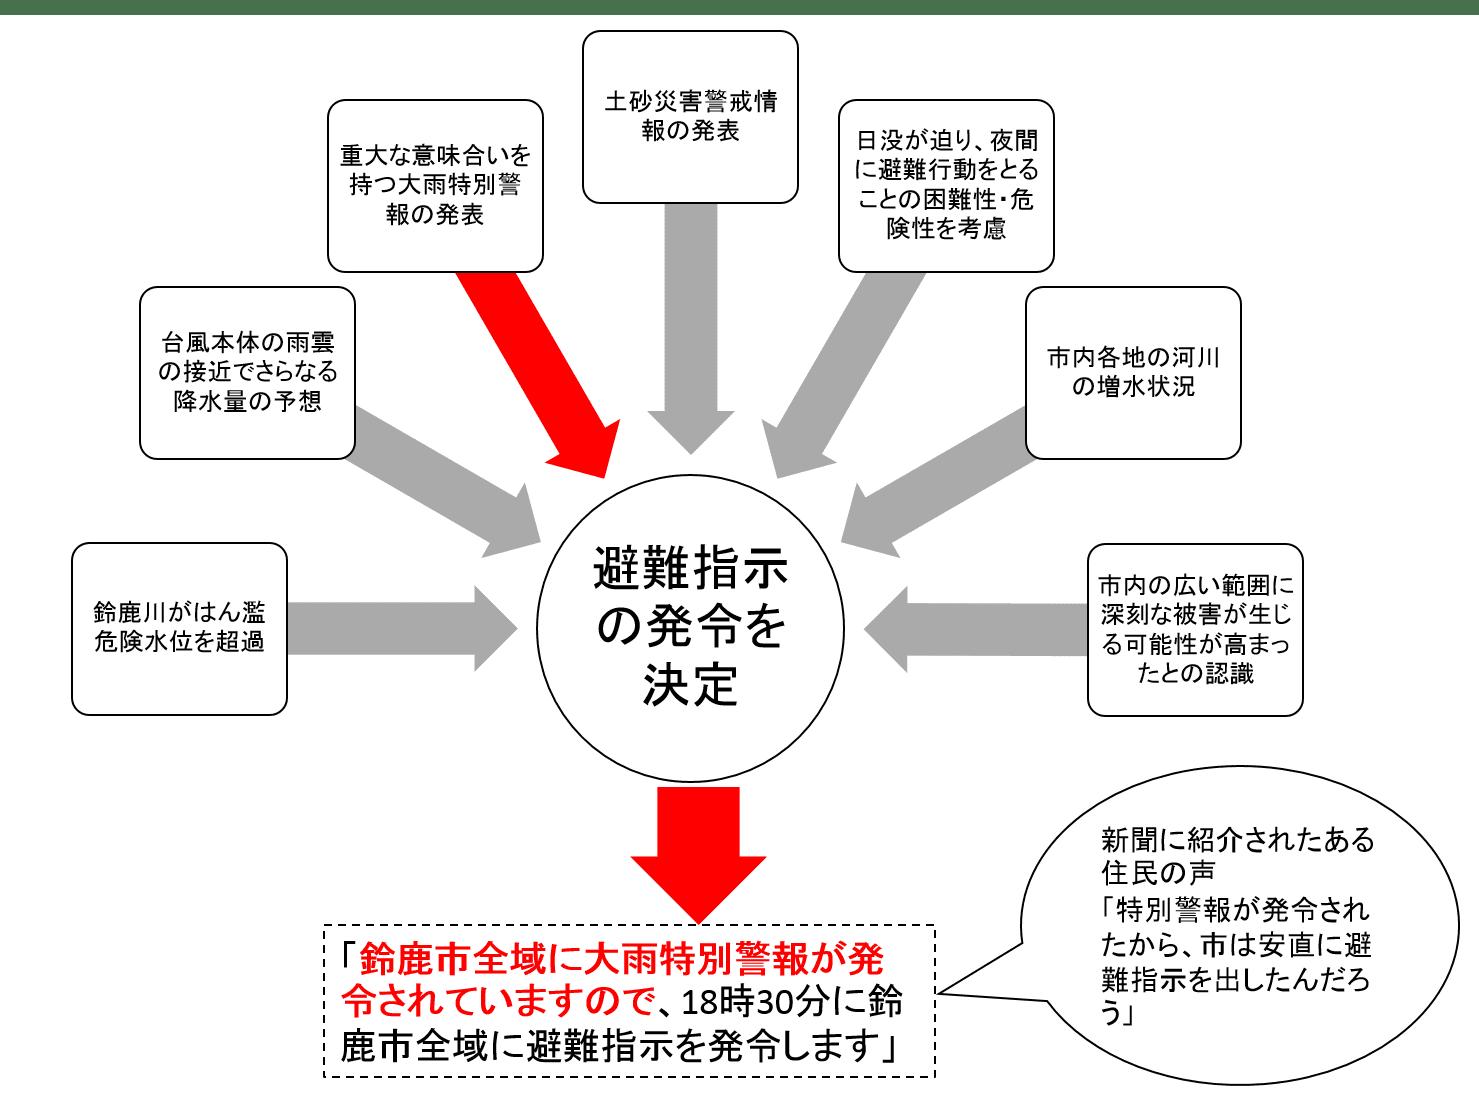 勧告 と 違い の 避難 避難 指示